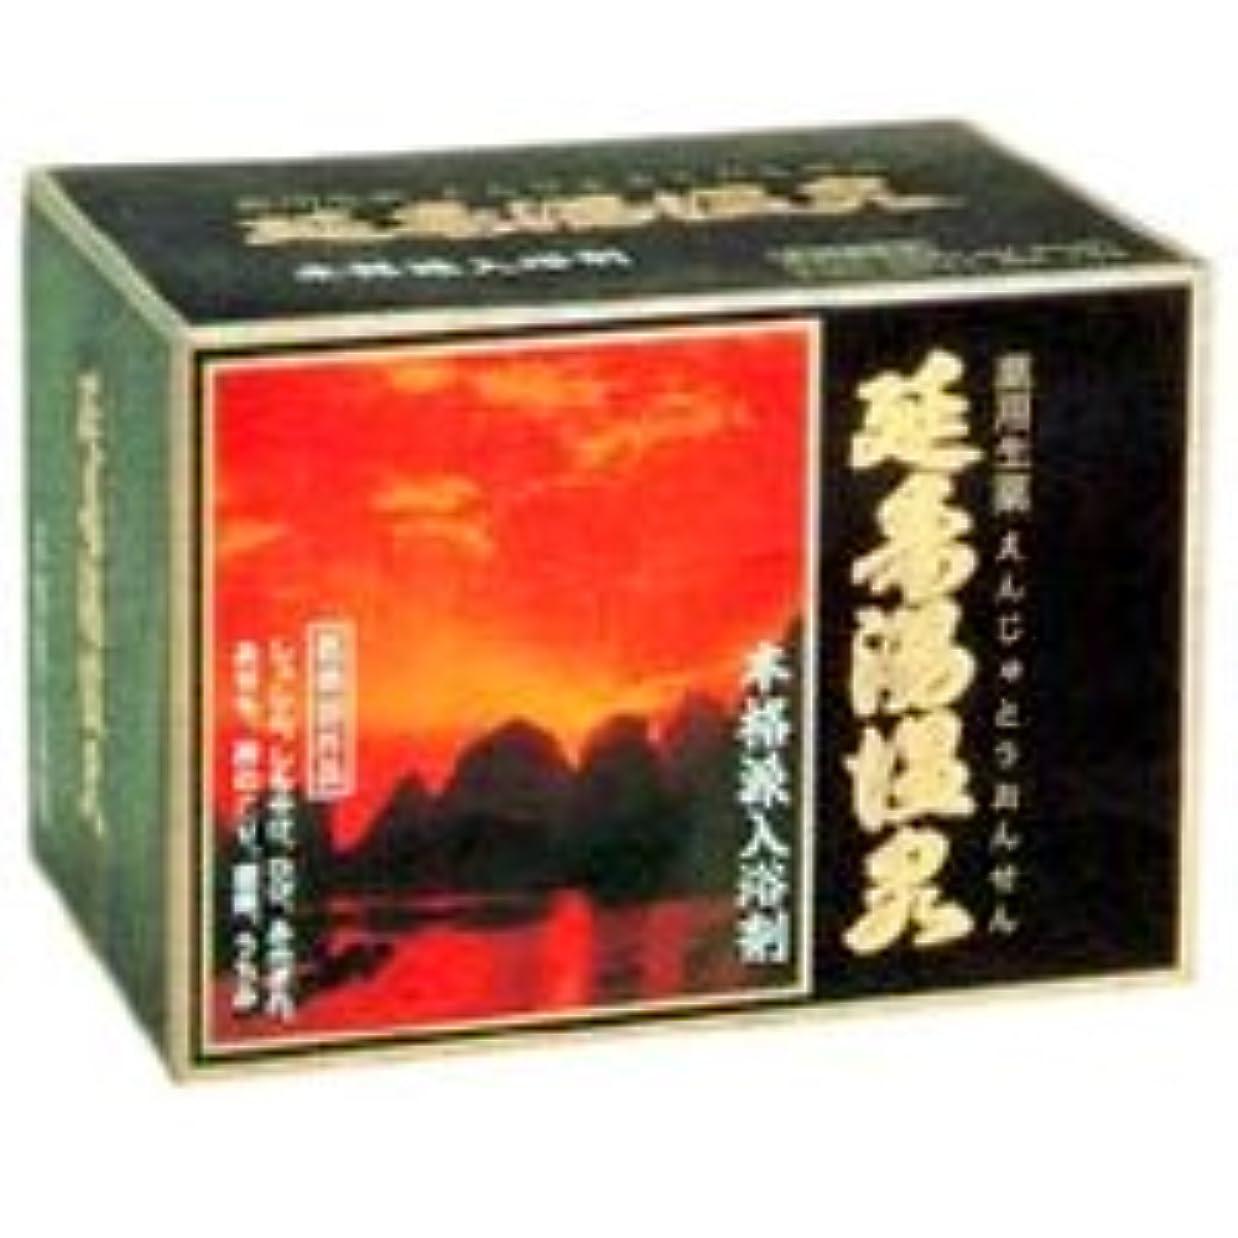 小間協定孤独入浴剤 延寿湯温泉(えんじゅとう)12包入×3箱+5包おまけ 天然生薬配合 医薬部外品